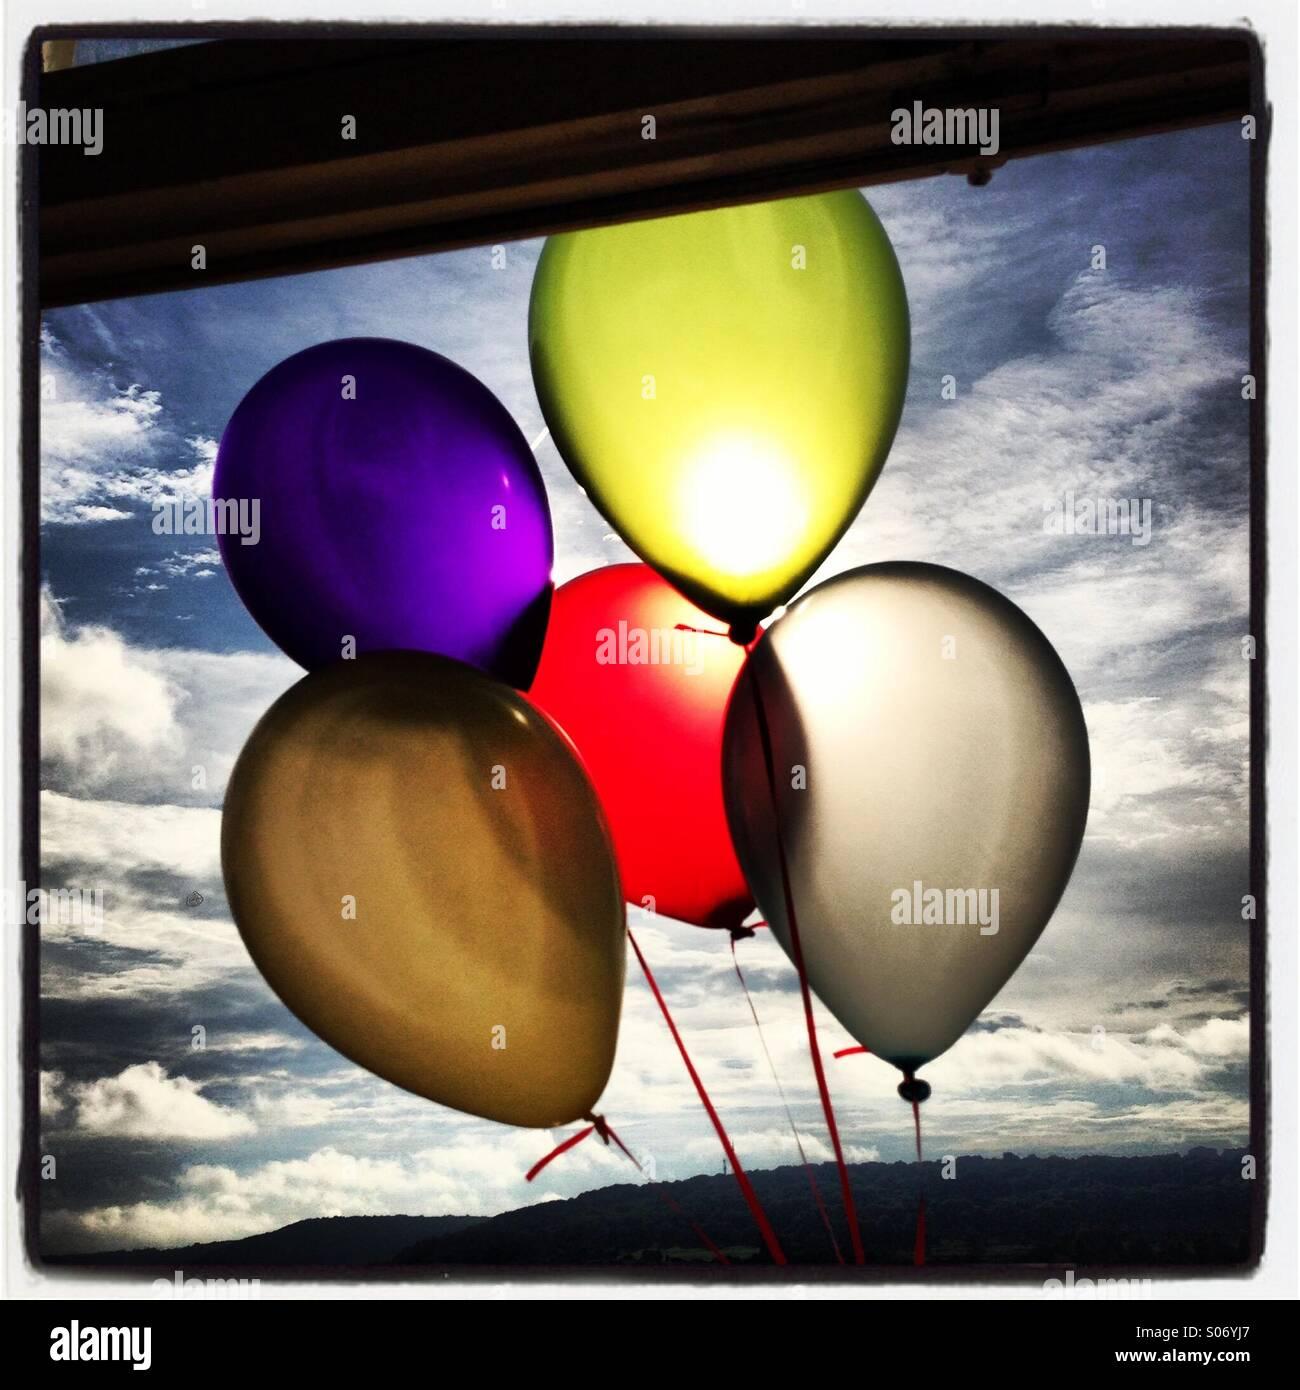 Bunten Ballons vor der Sonne vor einem Fenster vor blauem Himmel mit weißen flauschigen Wolken. Stockbild